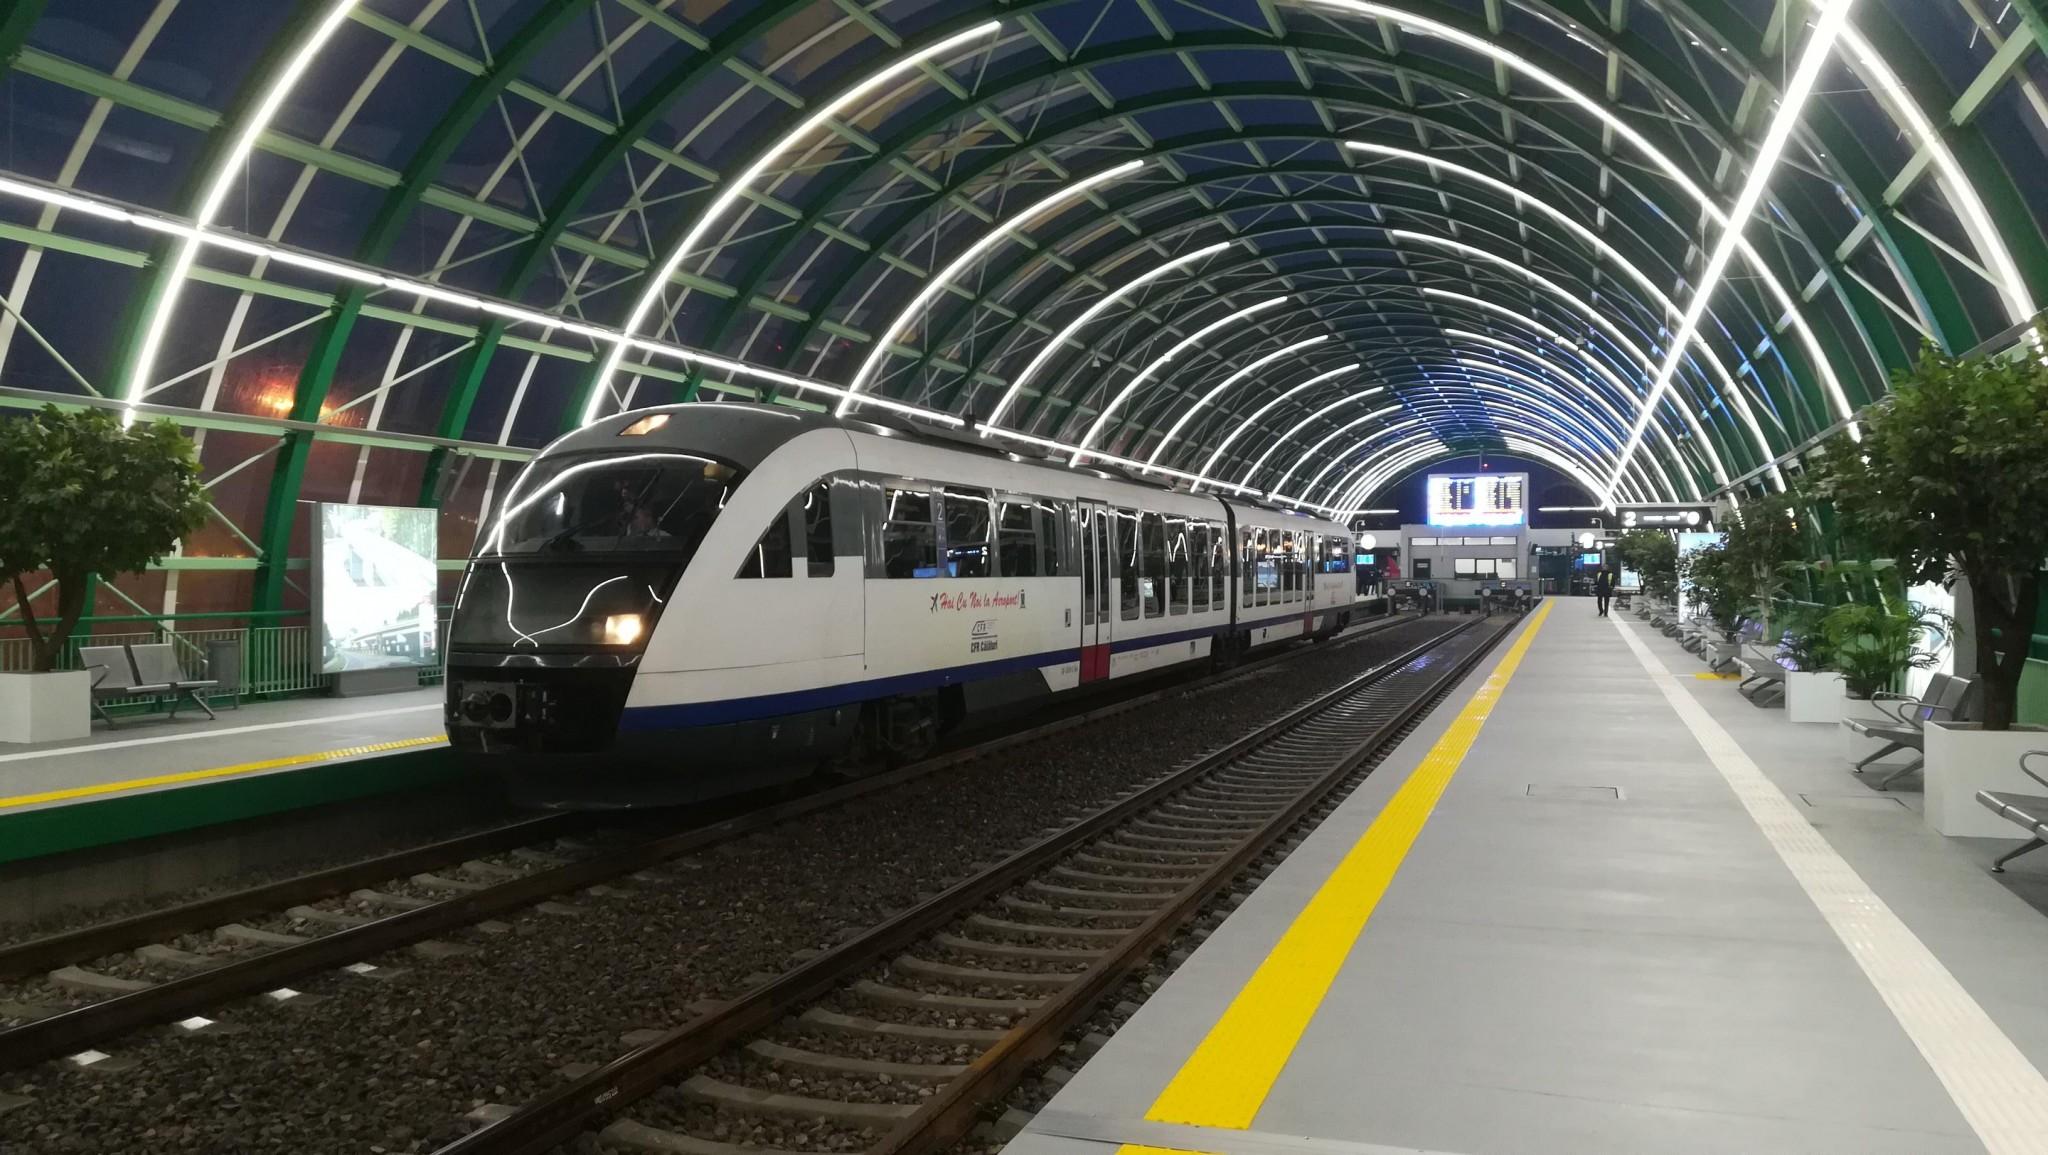 Știți linia de cale ferată care face legătura între Gara de Nord și Otopeni? Intră în reabilitare, la nici un an de funcționare